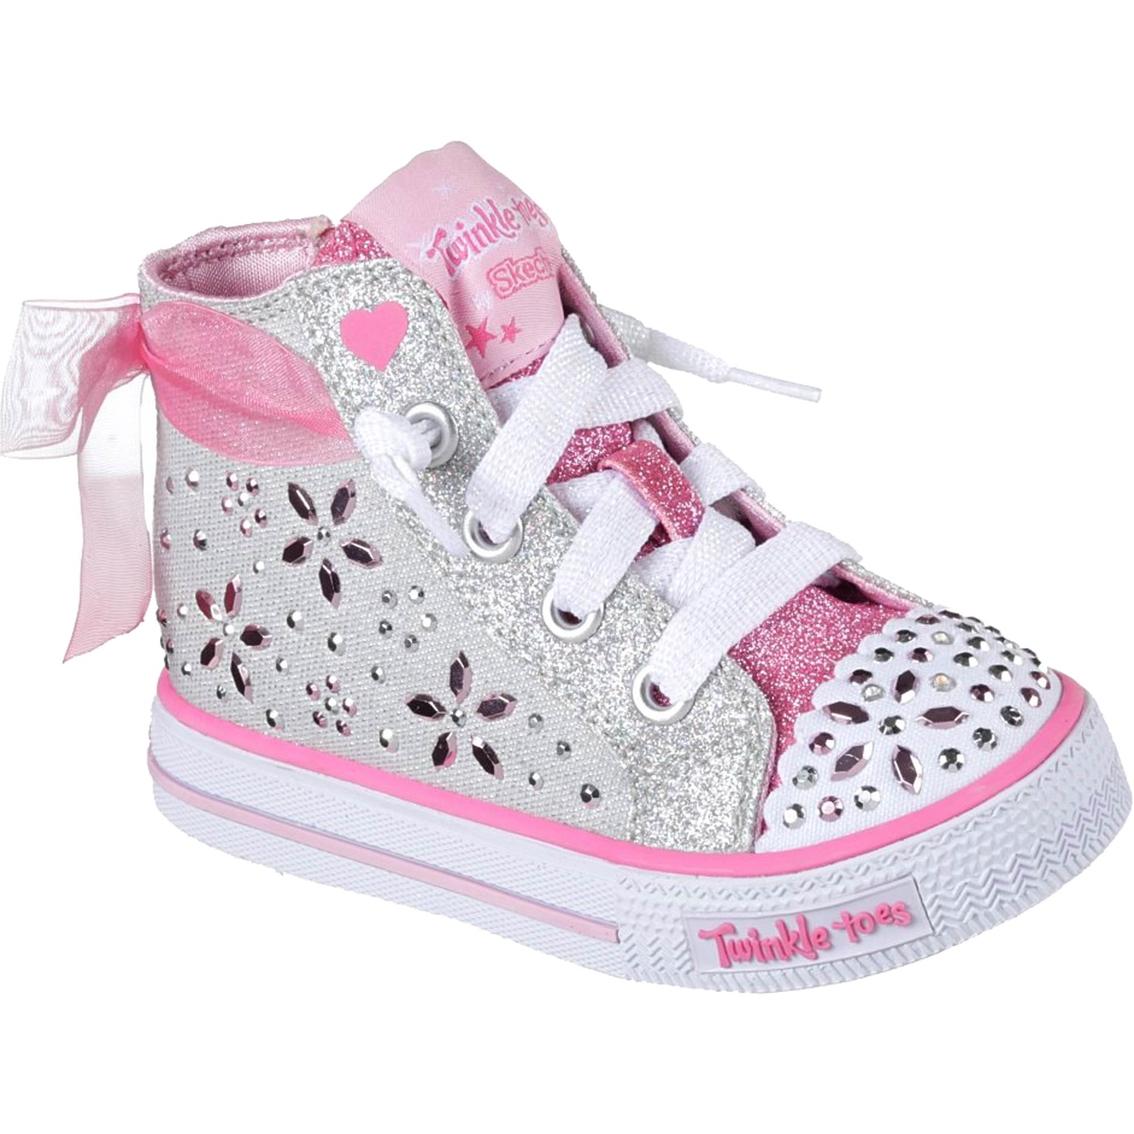 Skechers Toddler Girls Twinkle Toe Shuffles Fancy Fave